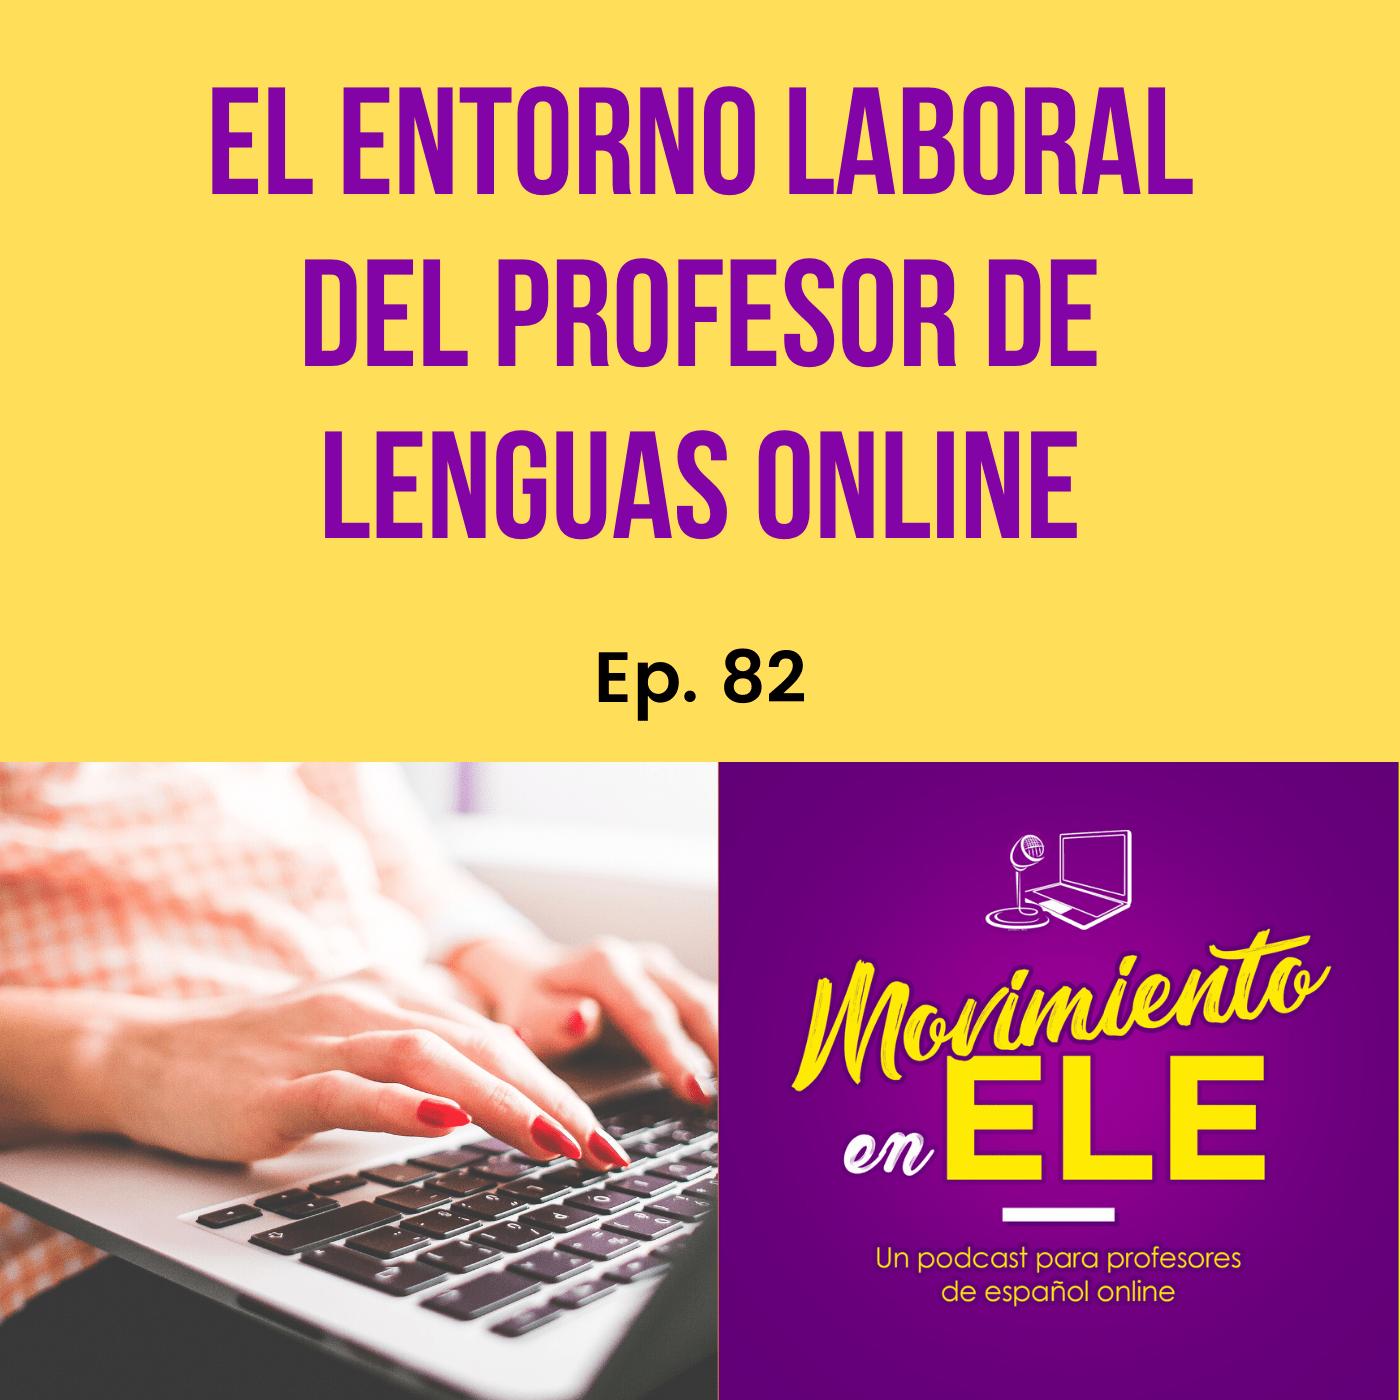 El profesor de lenguas online: especialización y diversificación para un nuevo entorno laboral